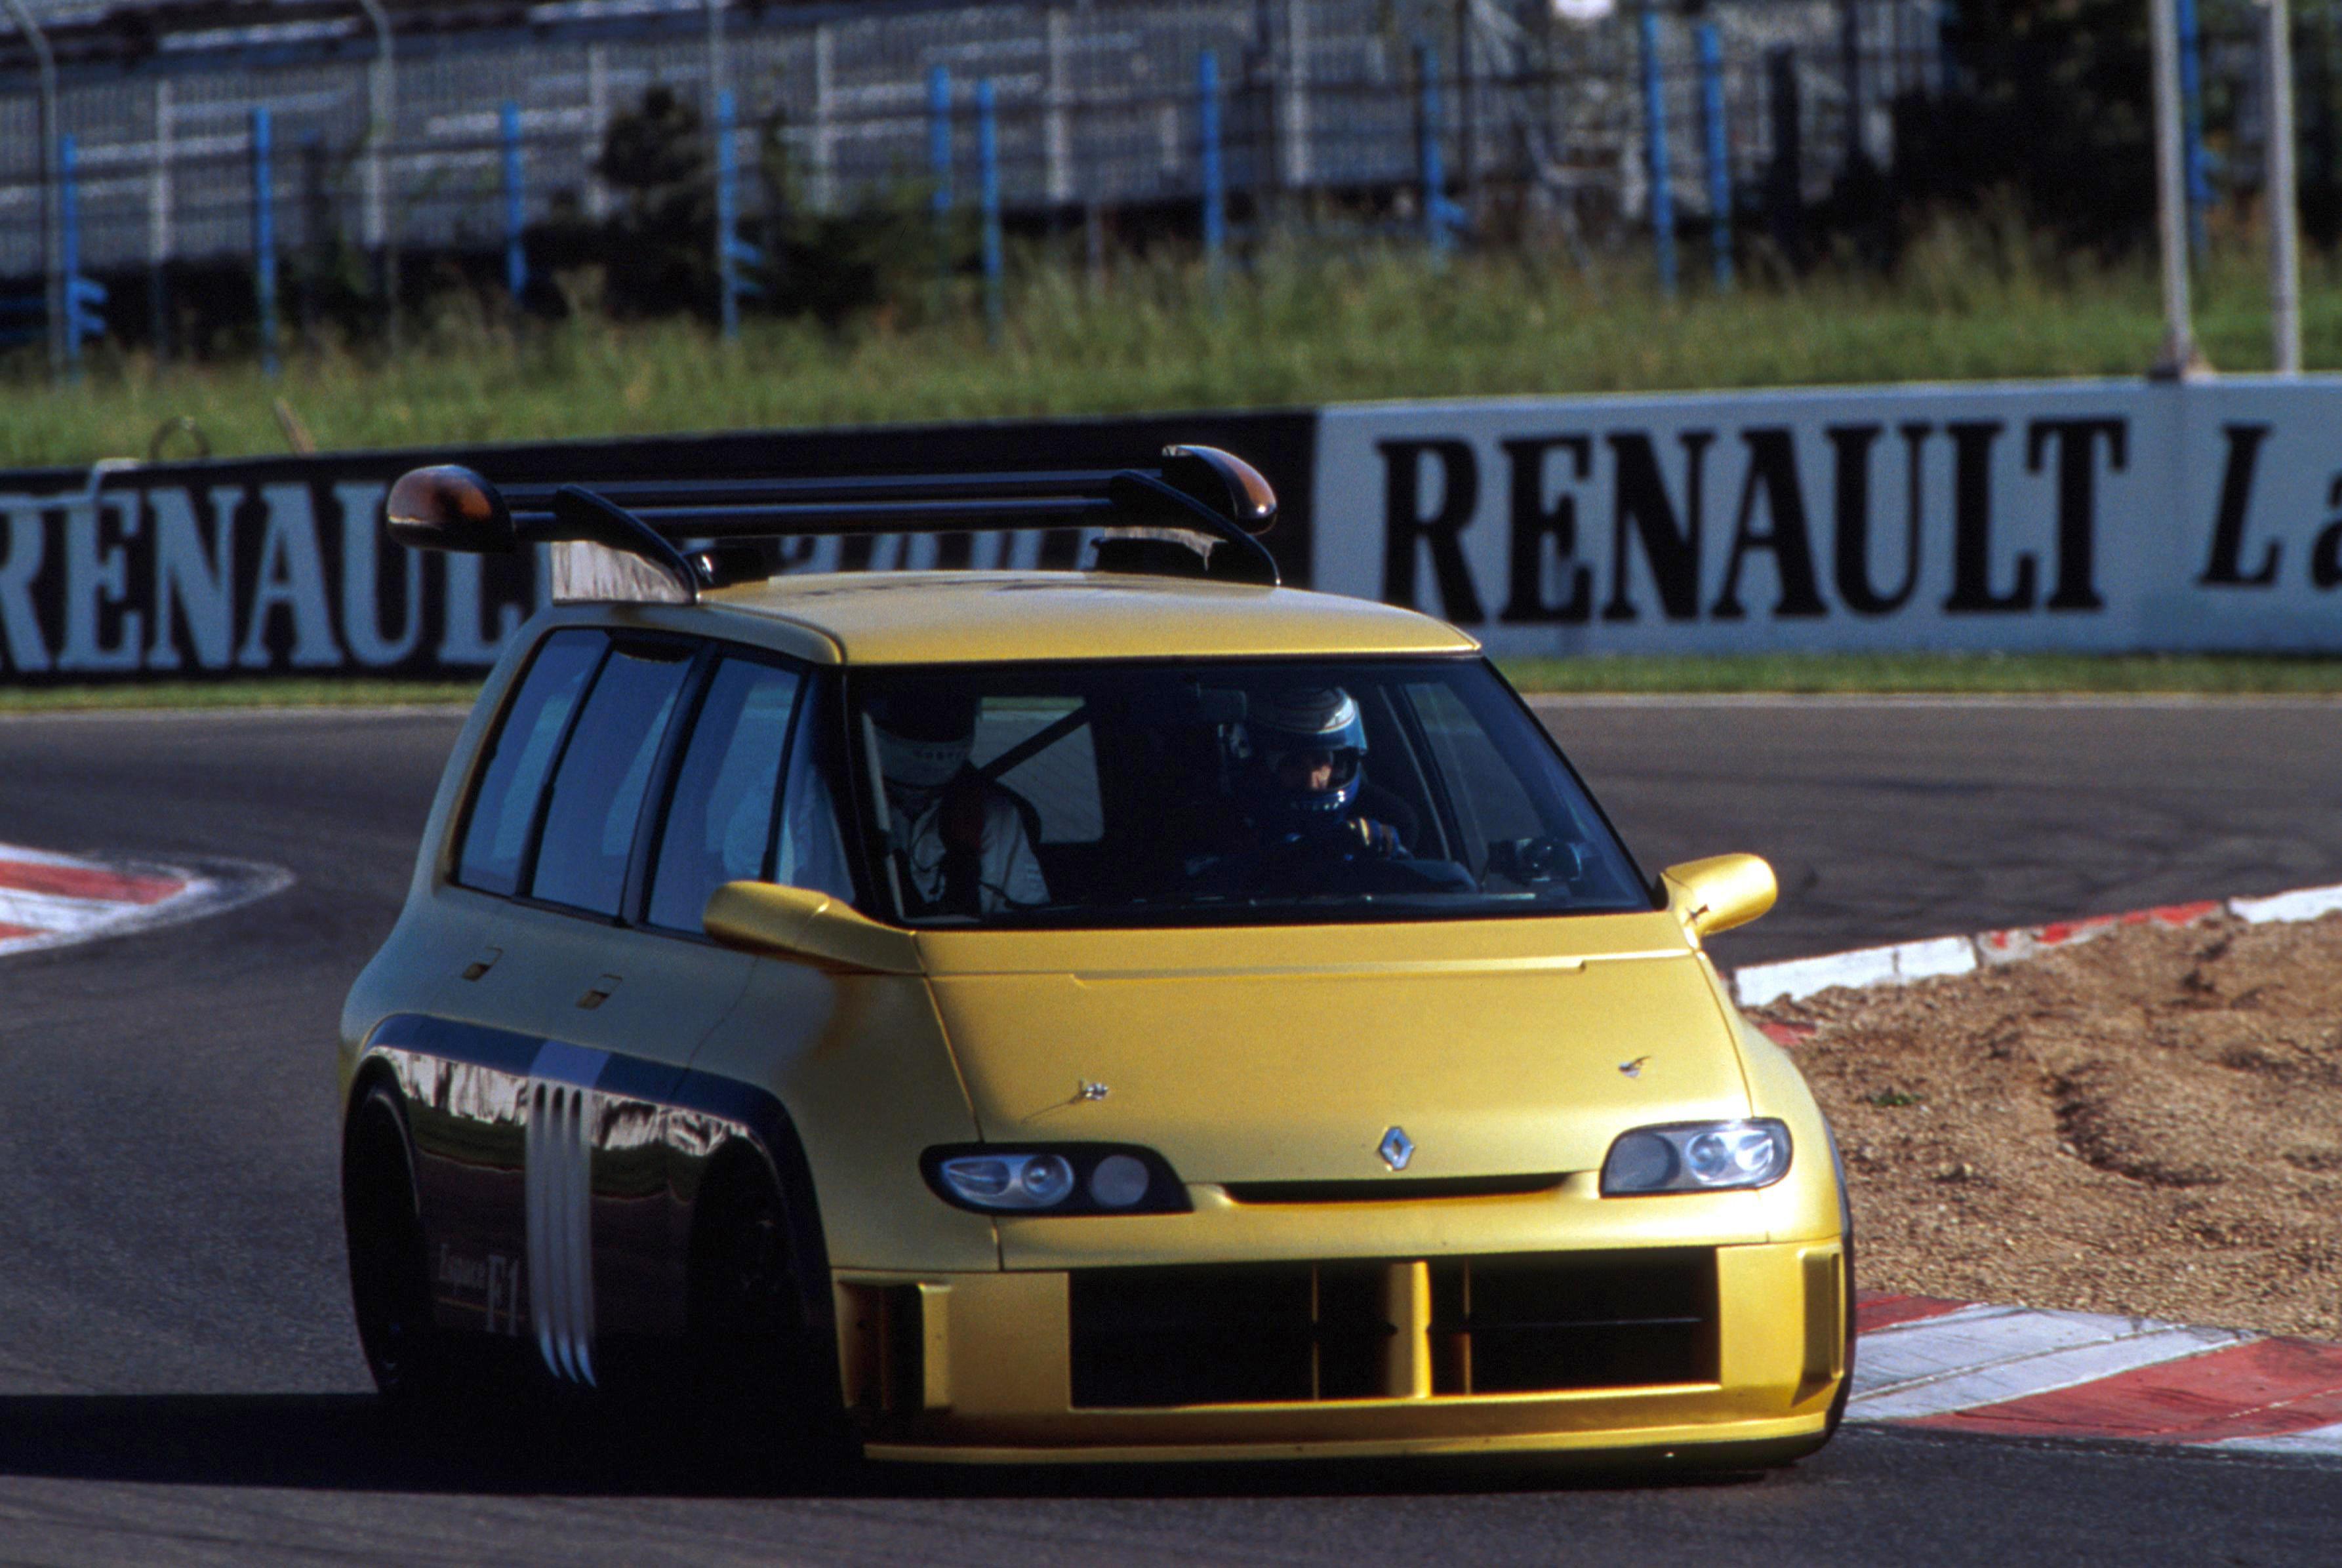 L'Espace F1 conduite par Alain Prost à Magny Cours en mai 1995 !